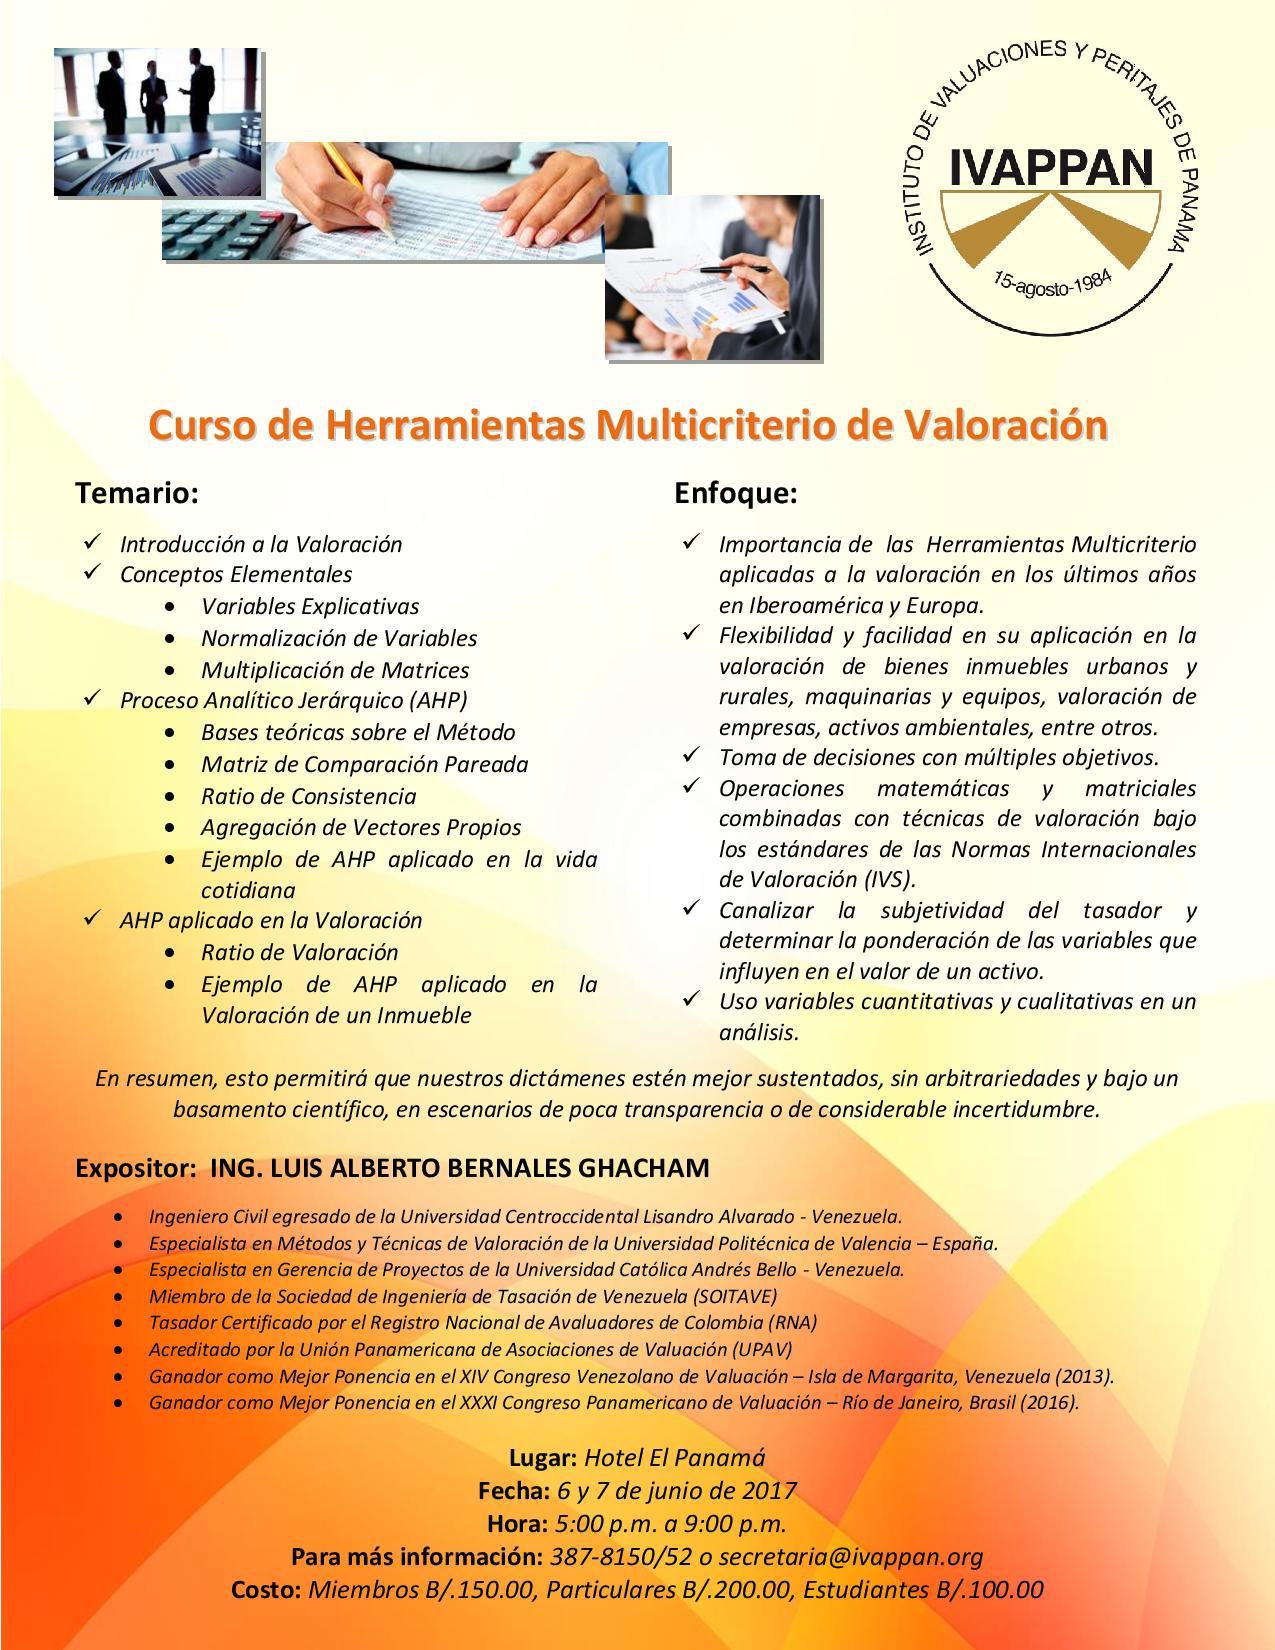 Flyer Curso de Herramientas Multicriterio de Valorización-page-001